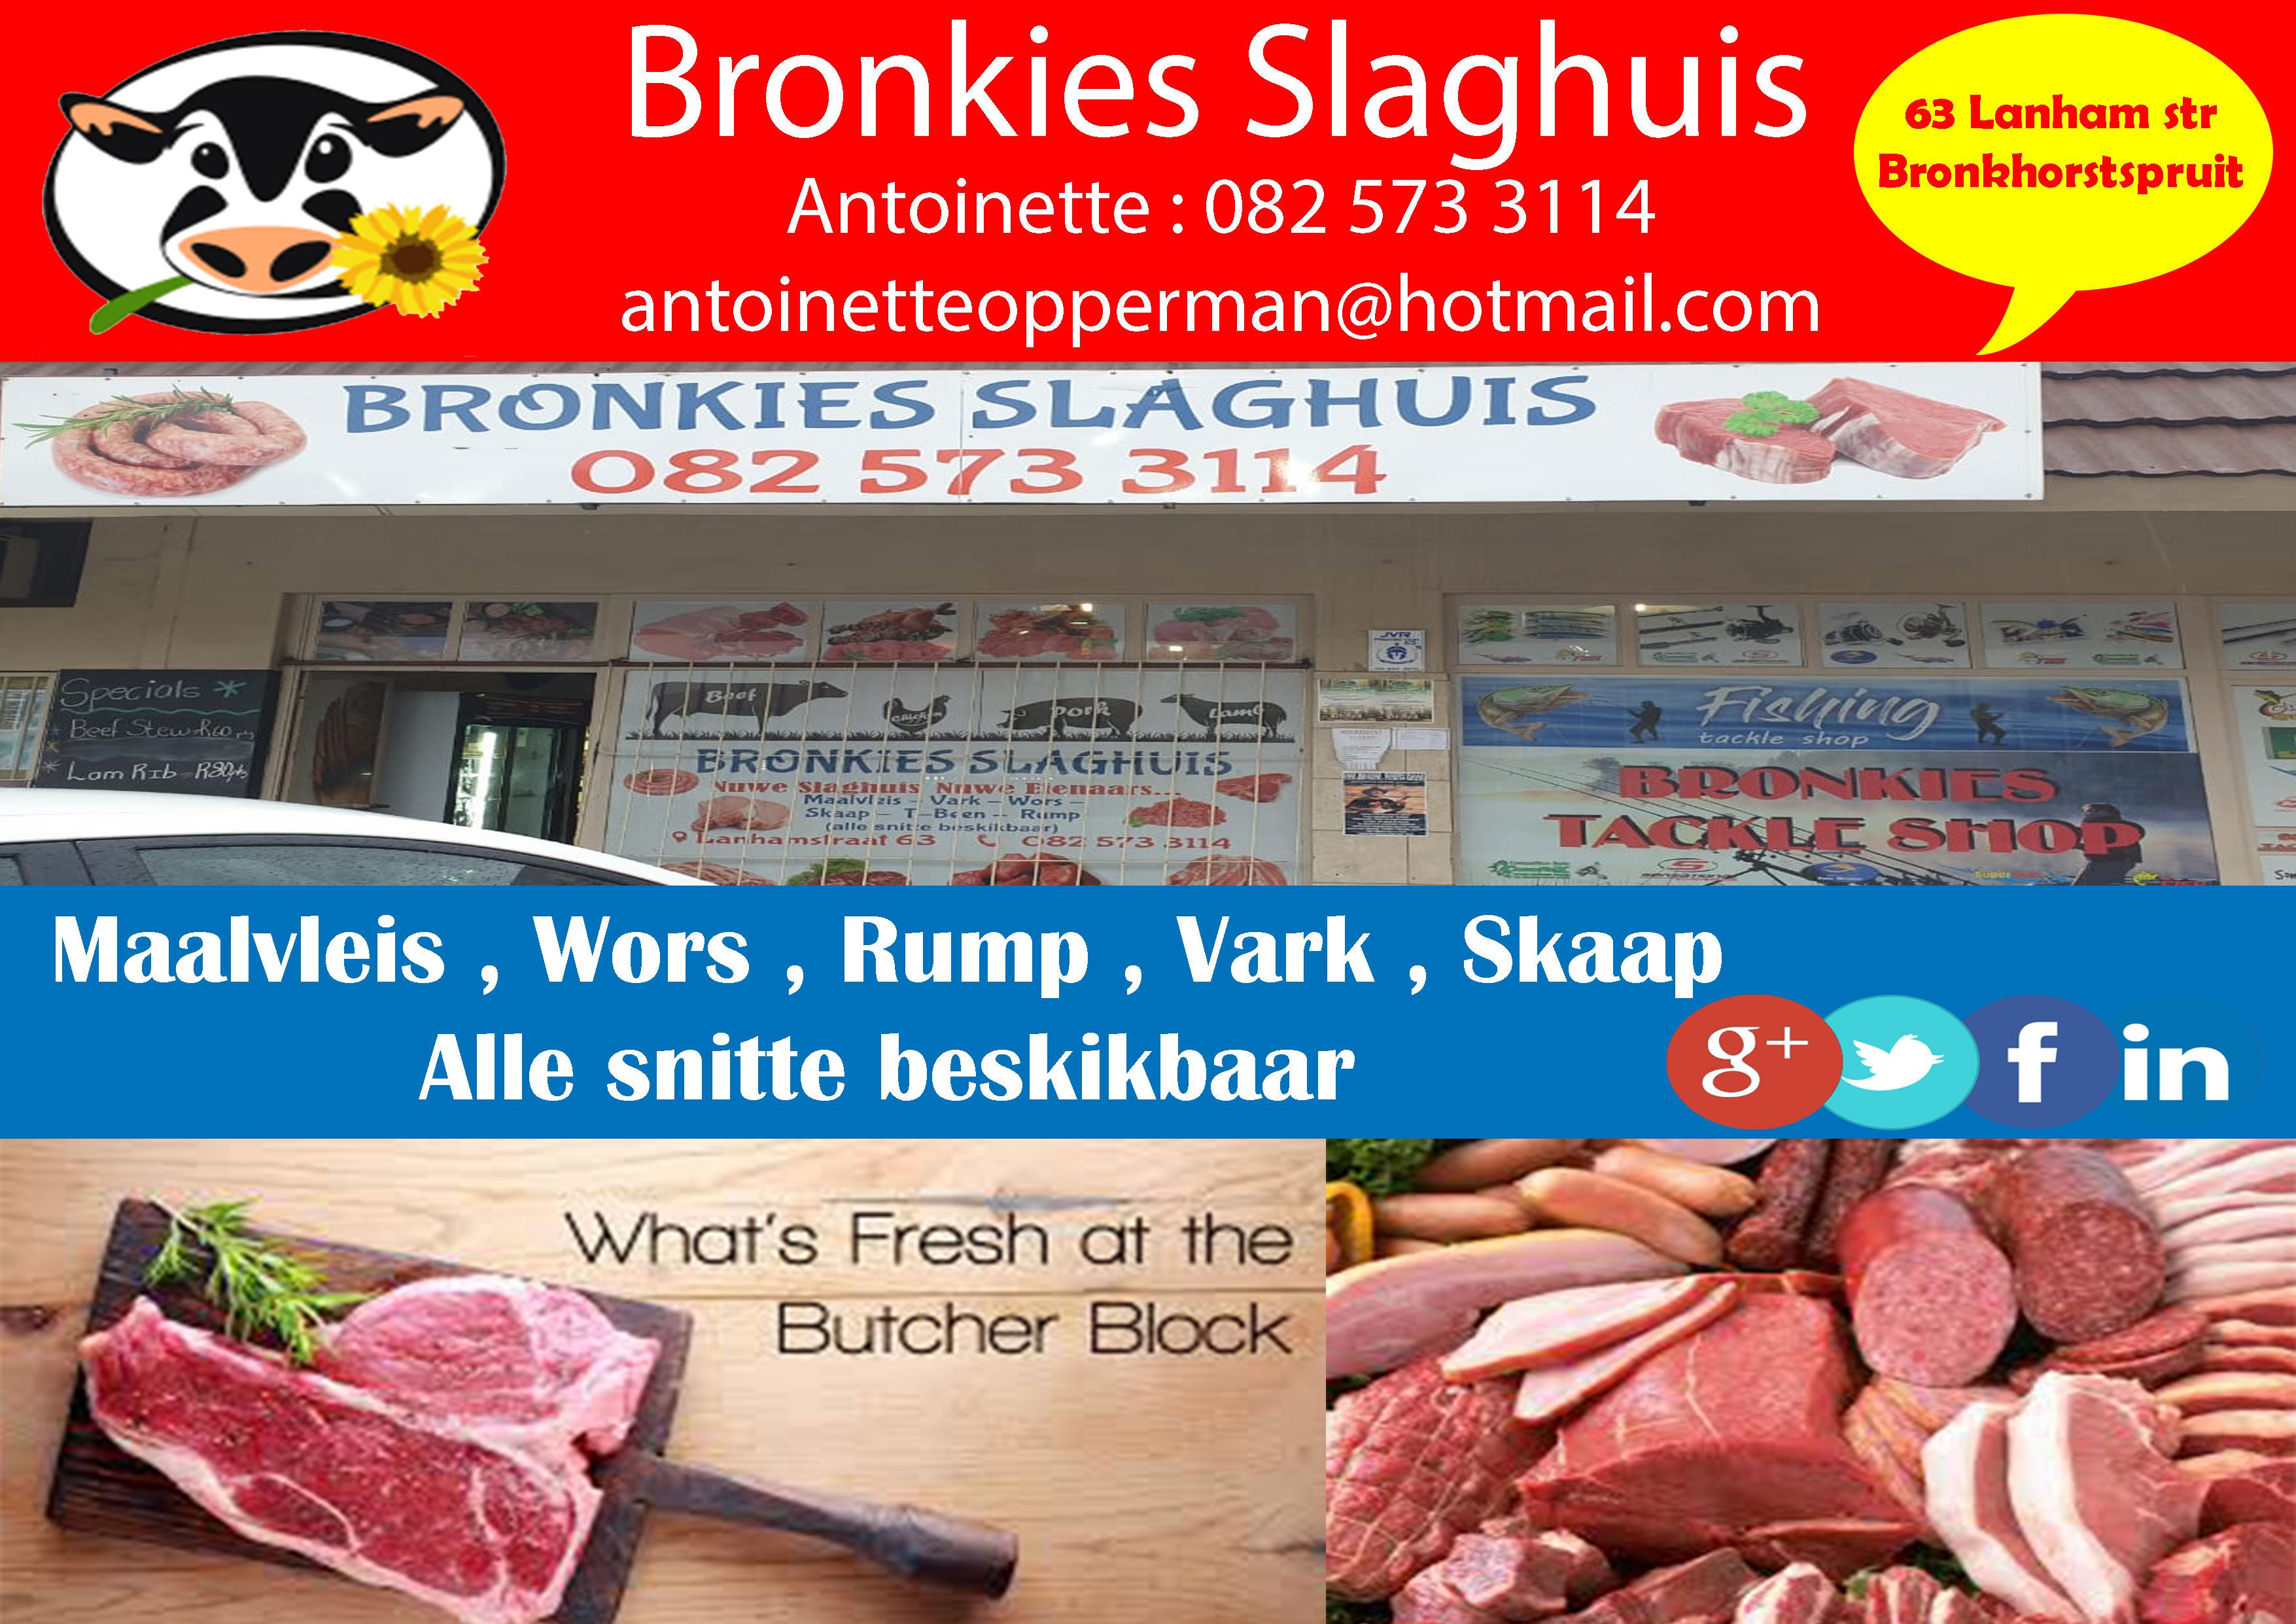 Bronkies Slaghuis | Bronkhorstspruit, Gauteng